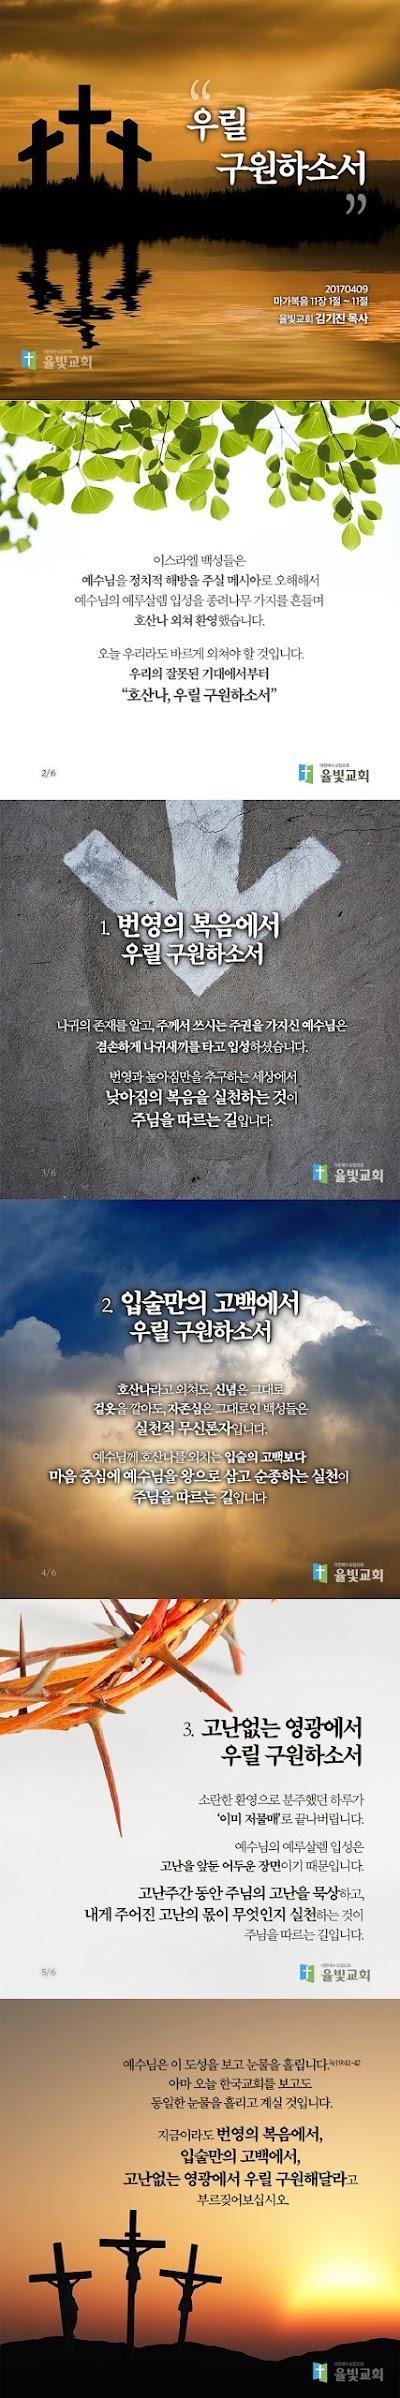 20170409_우릴구원하소서_0.jpg